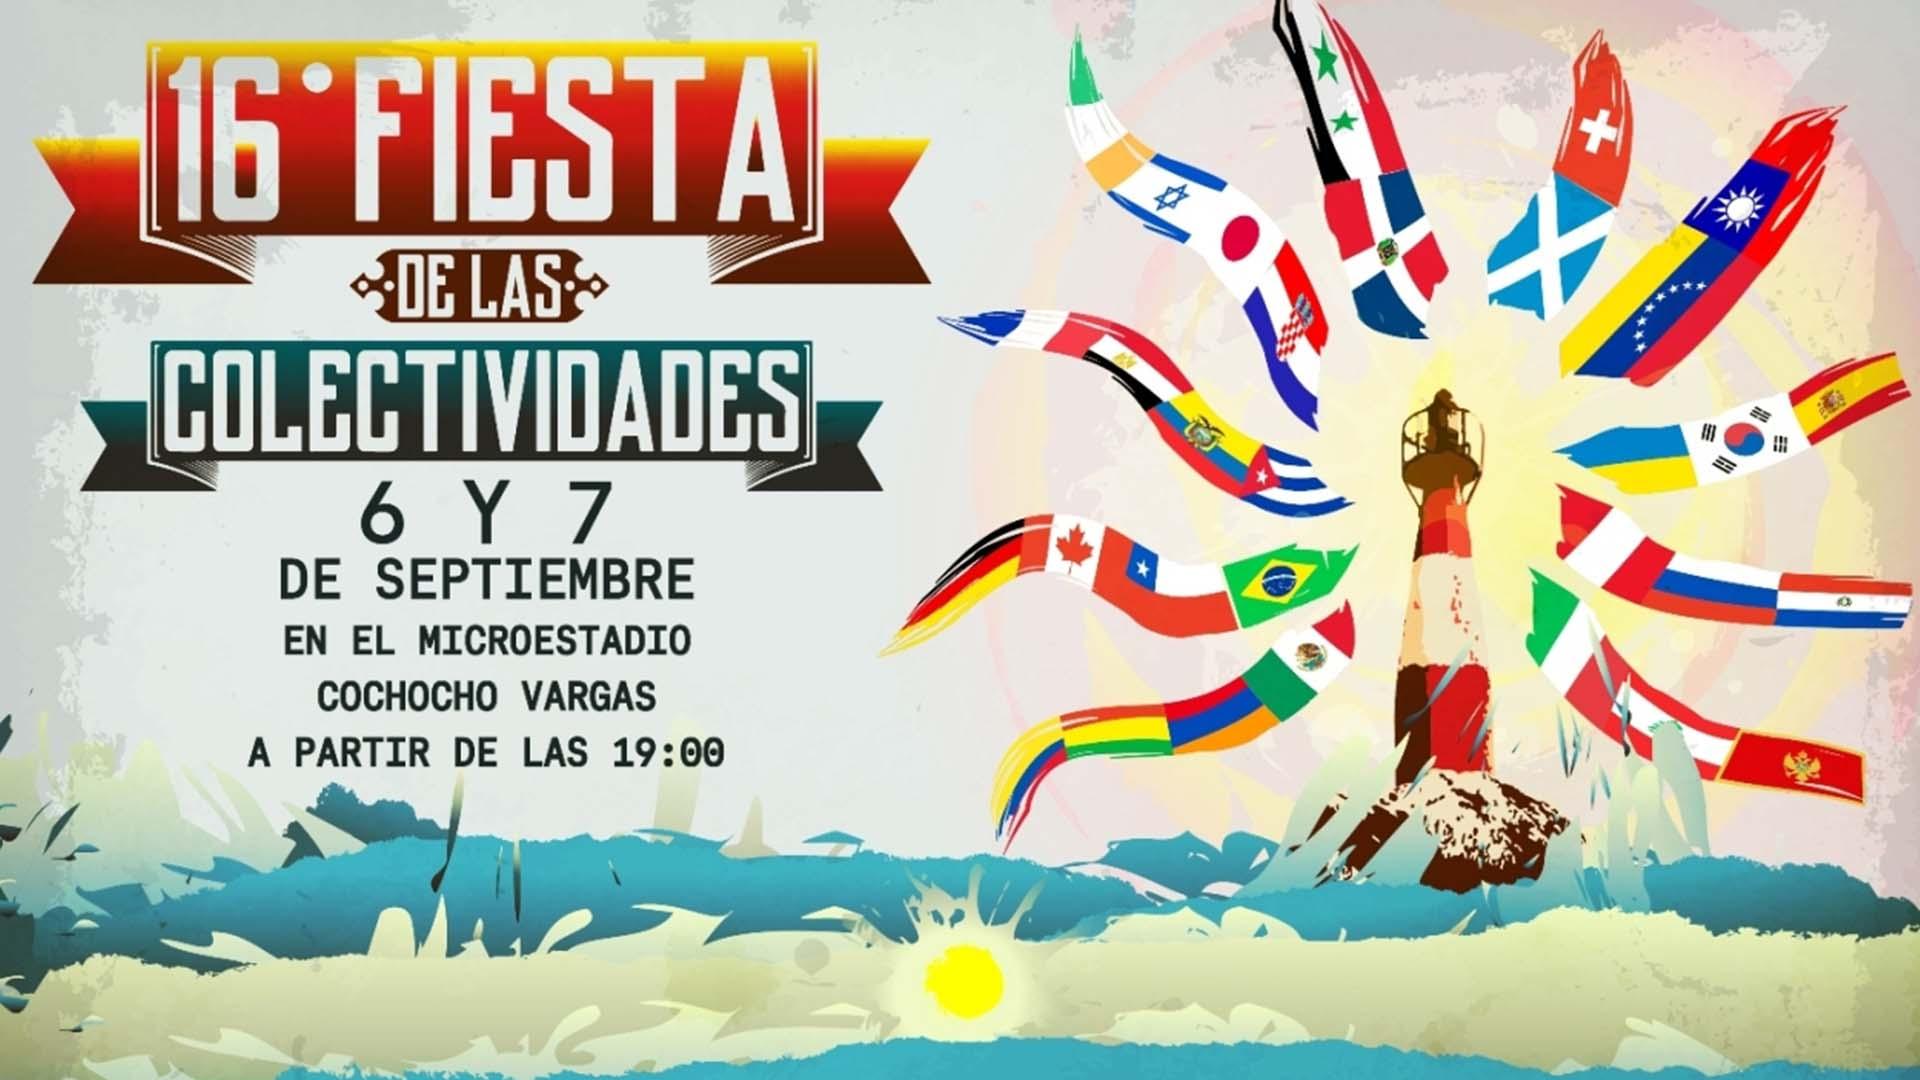 Fiesta de las Colectividades Ushuaia - septiembre 2019